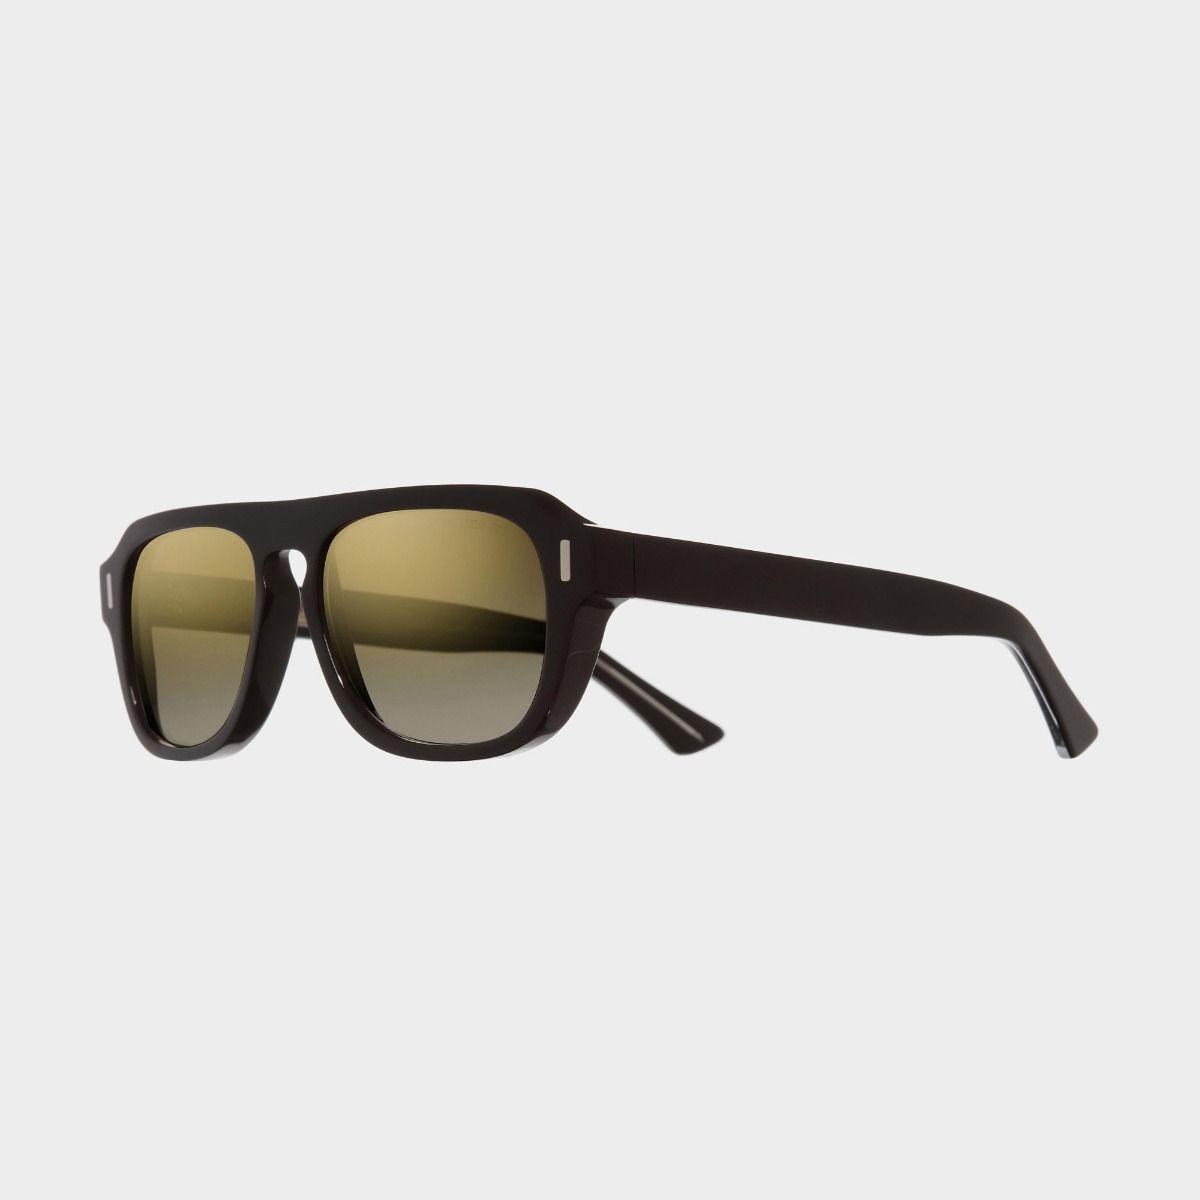 1319 Aviator Sunglasses-Black